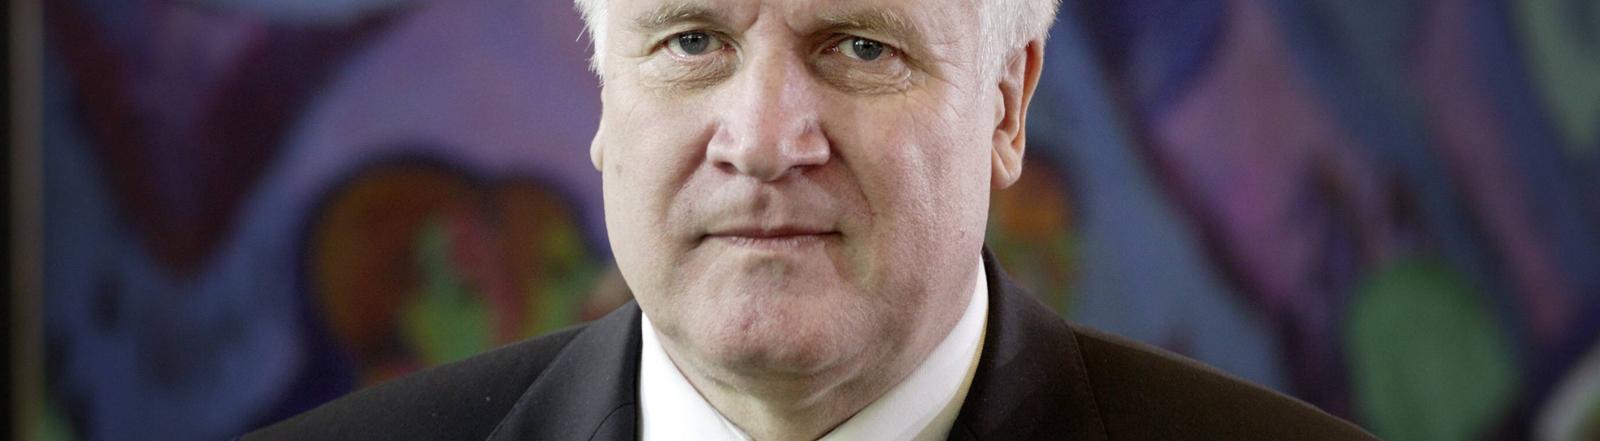 Horst Seehofer – damals Bundeslandwirtschaftsminister – vor einer Kabinettssitzung am 7.10.2008